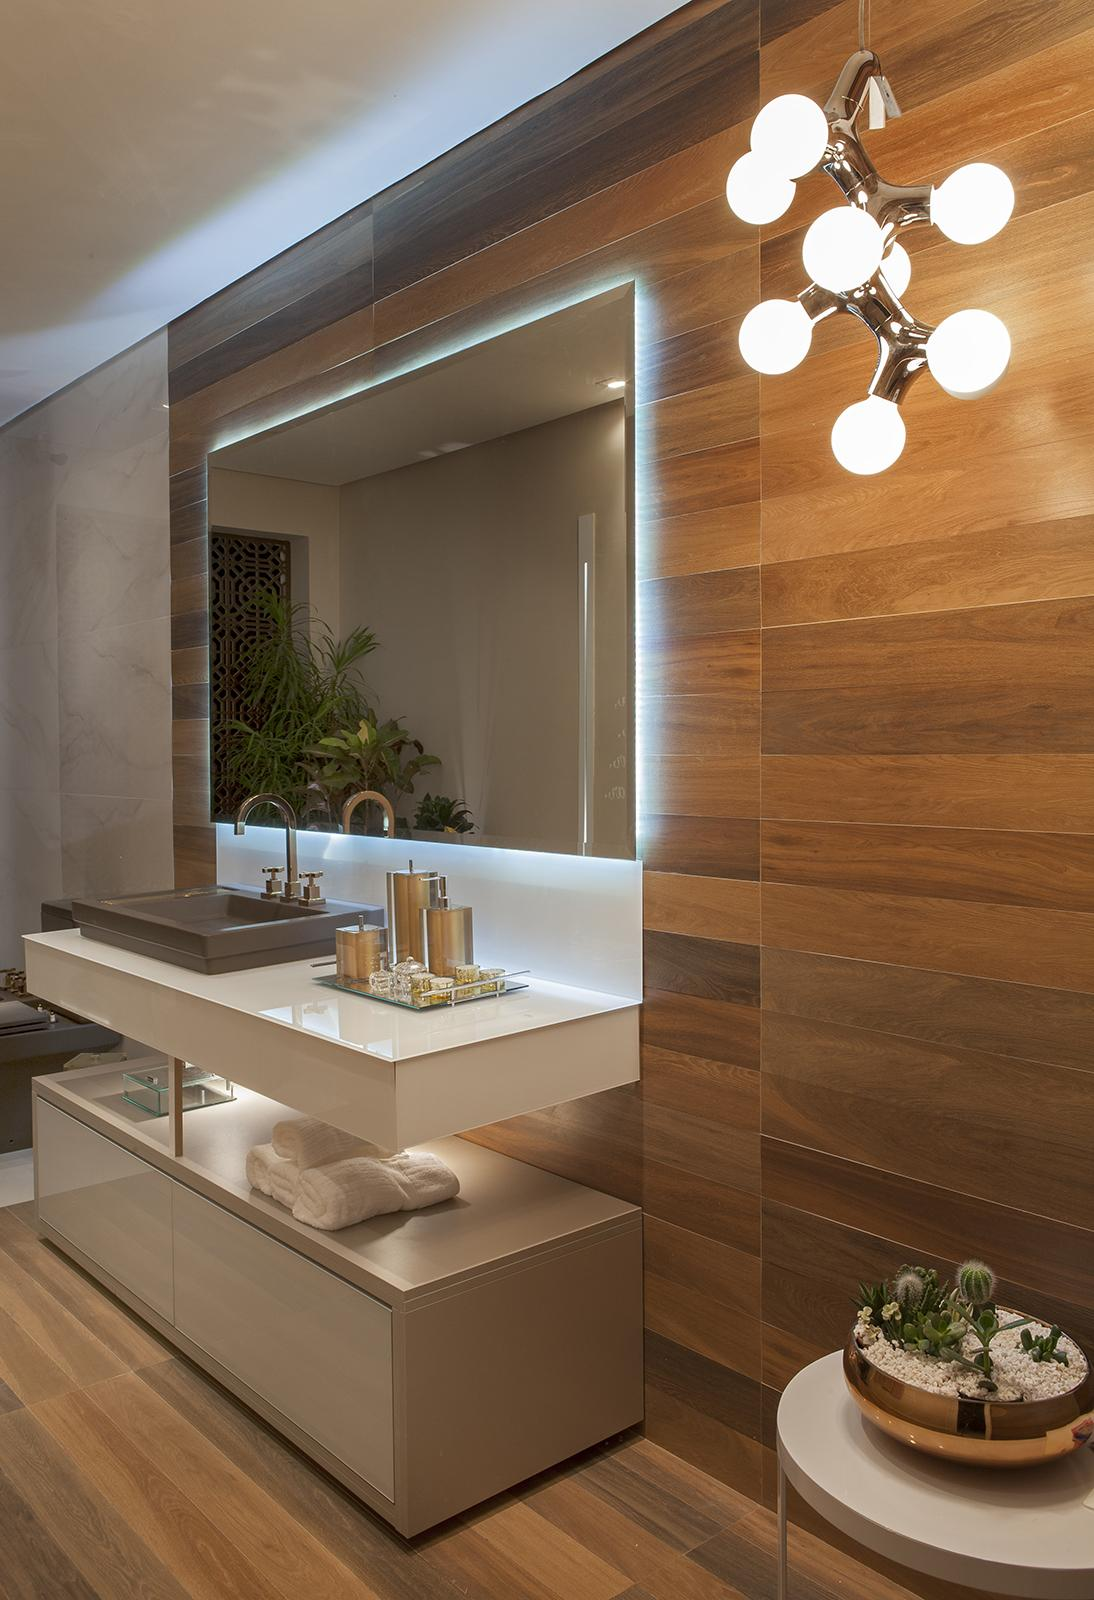 Imagem 6 – Espaço gourmet com materiais de alta qualidade #966435 1094x1600 Banheiro Com Porcelanato Rustico